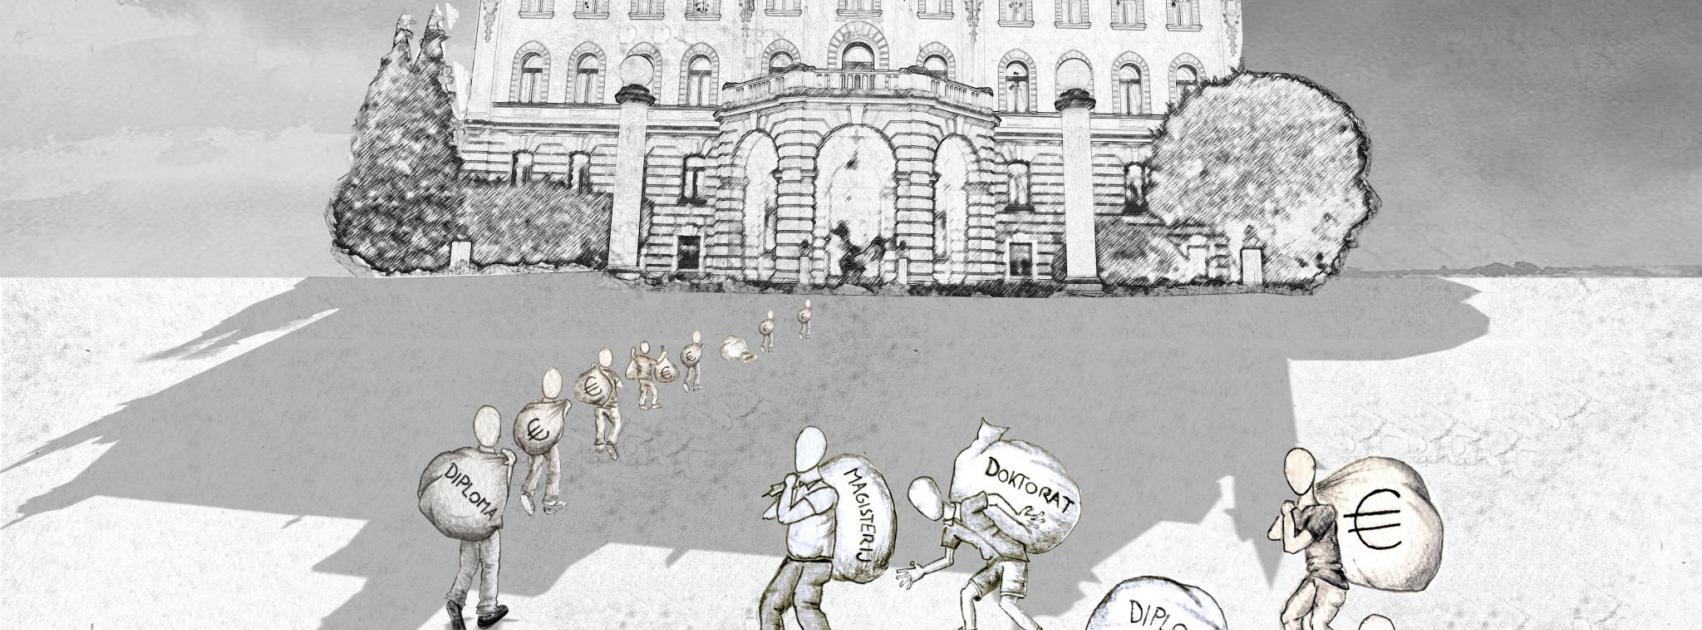 karikatura_1.jpg